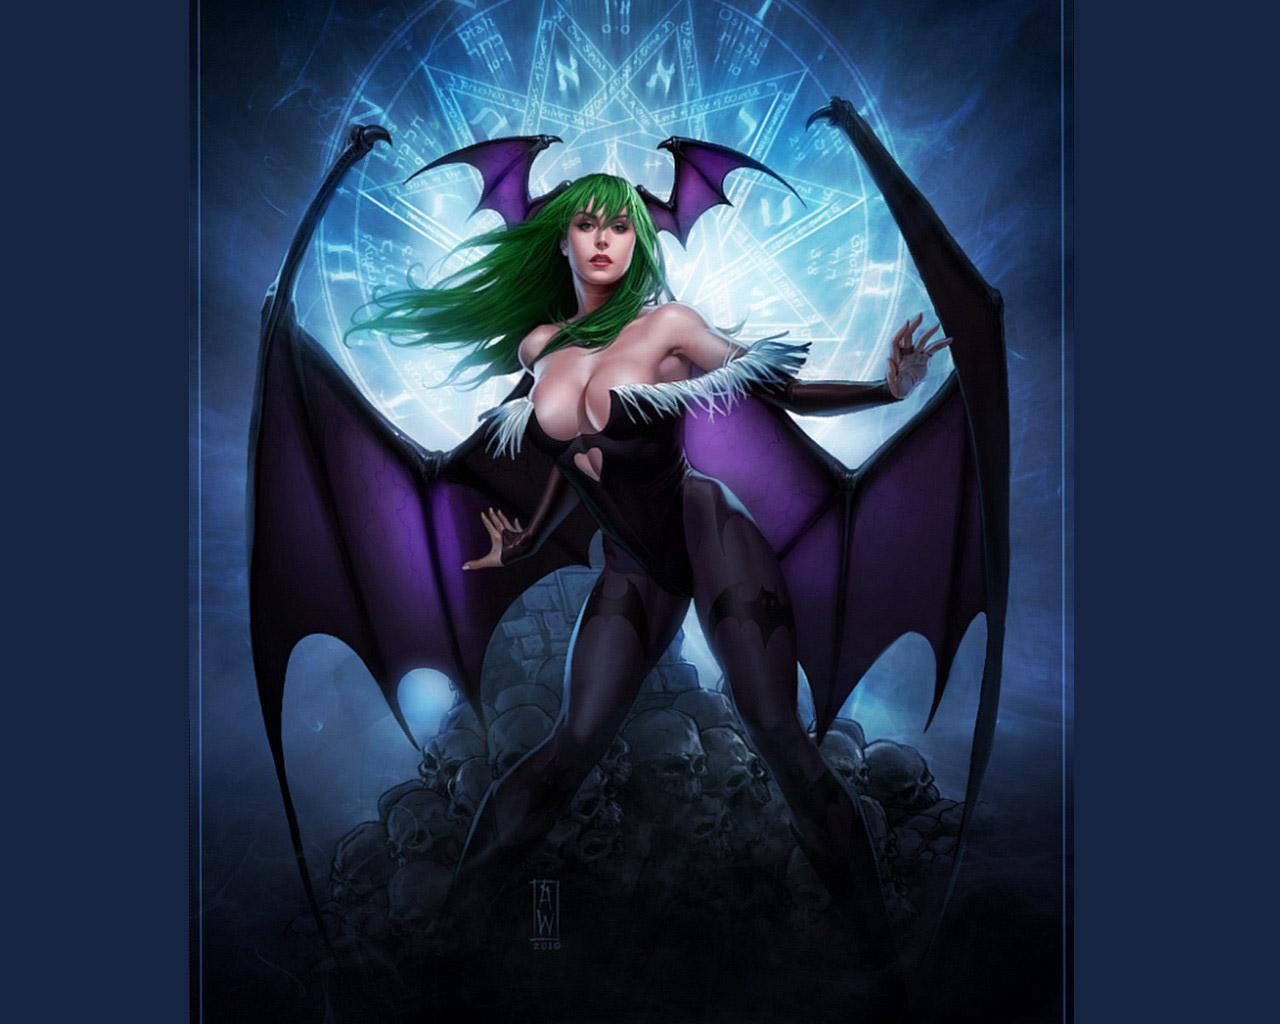 Night Warriors - Darkstalkers Revenge #6274 / Good-Wallpapers.com